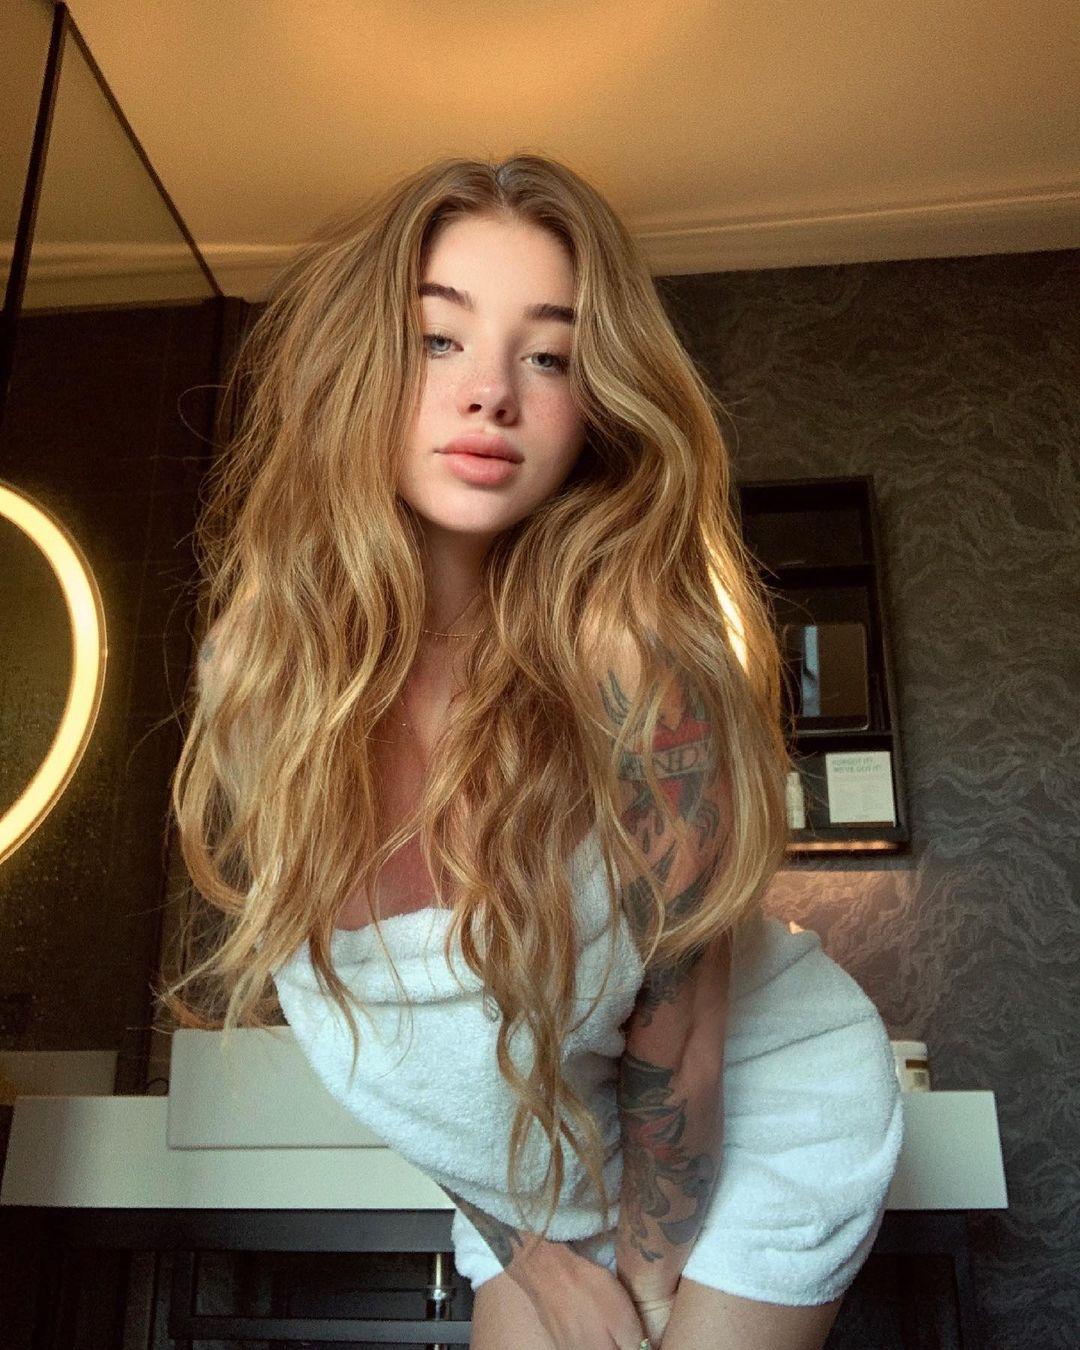 Beautiful Instagram Model Diana Deets